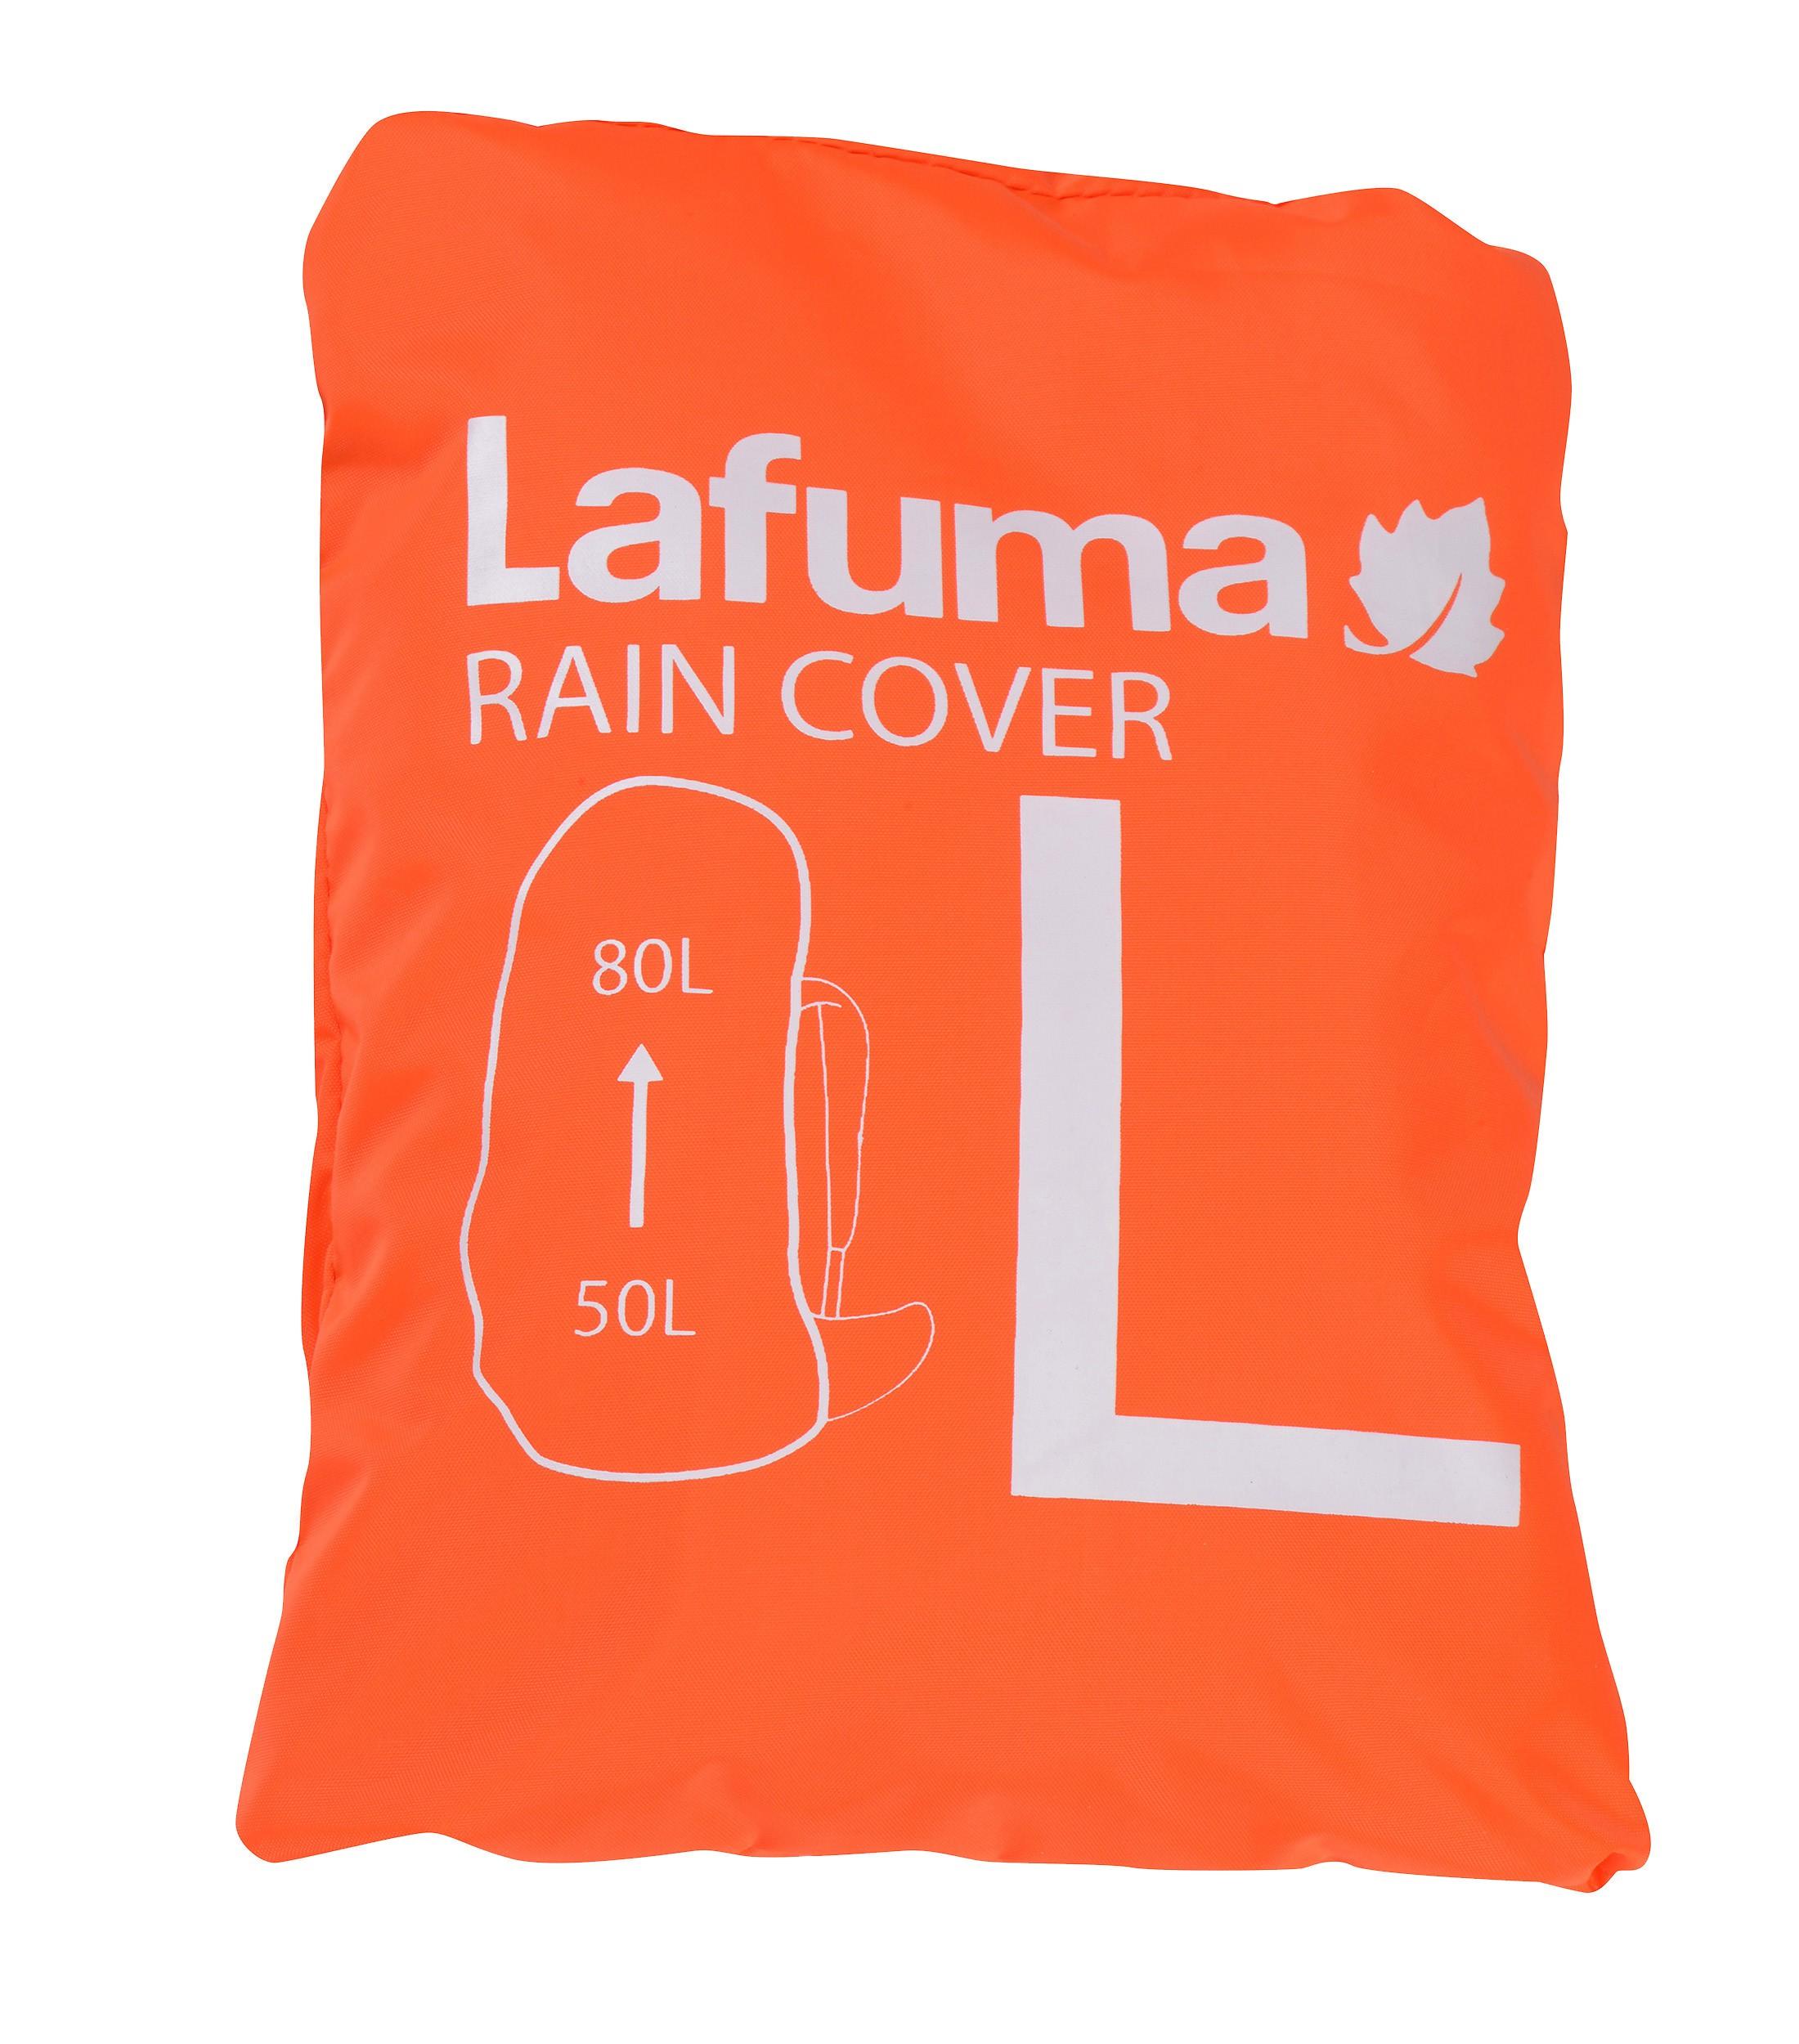 Lafuma - Rain Cover - Taille L (50-80L) - Funda impermeable